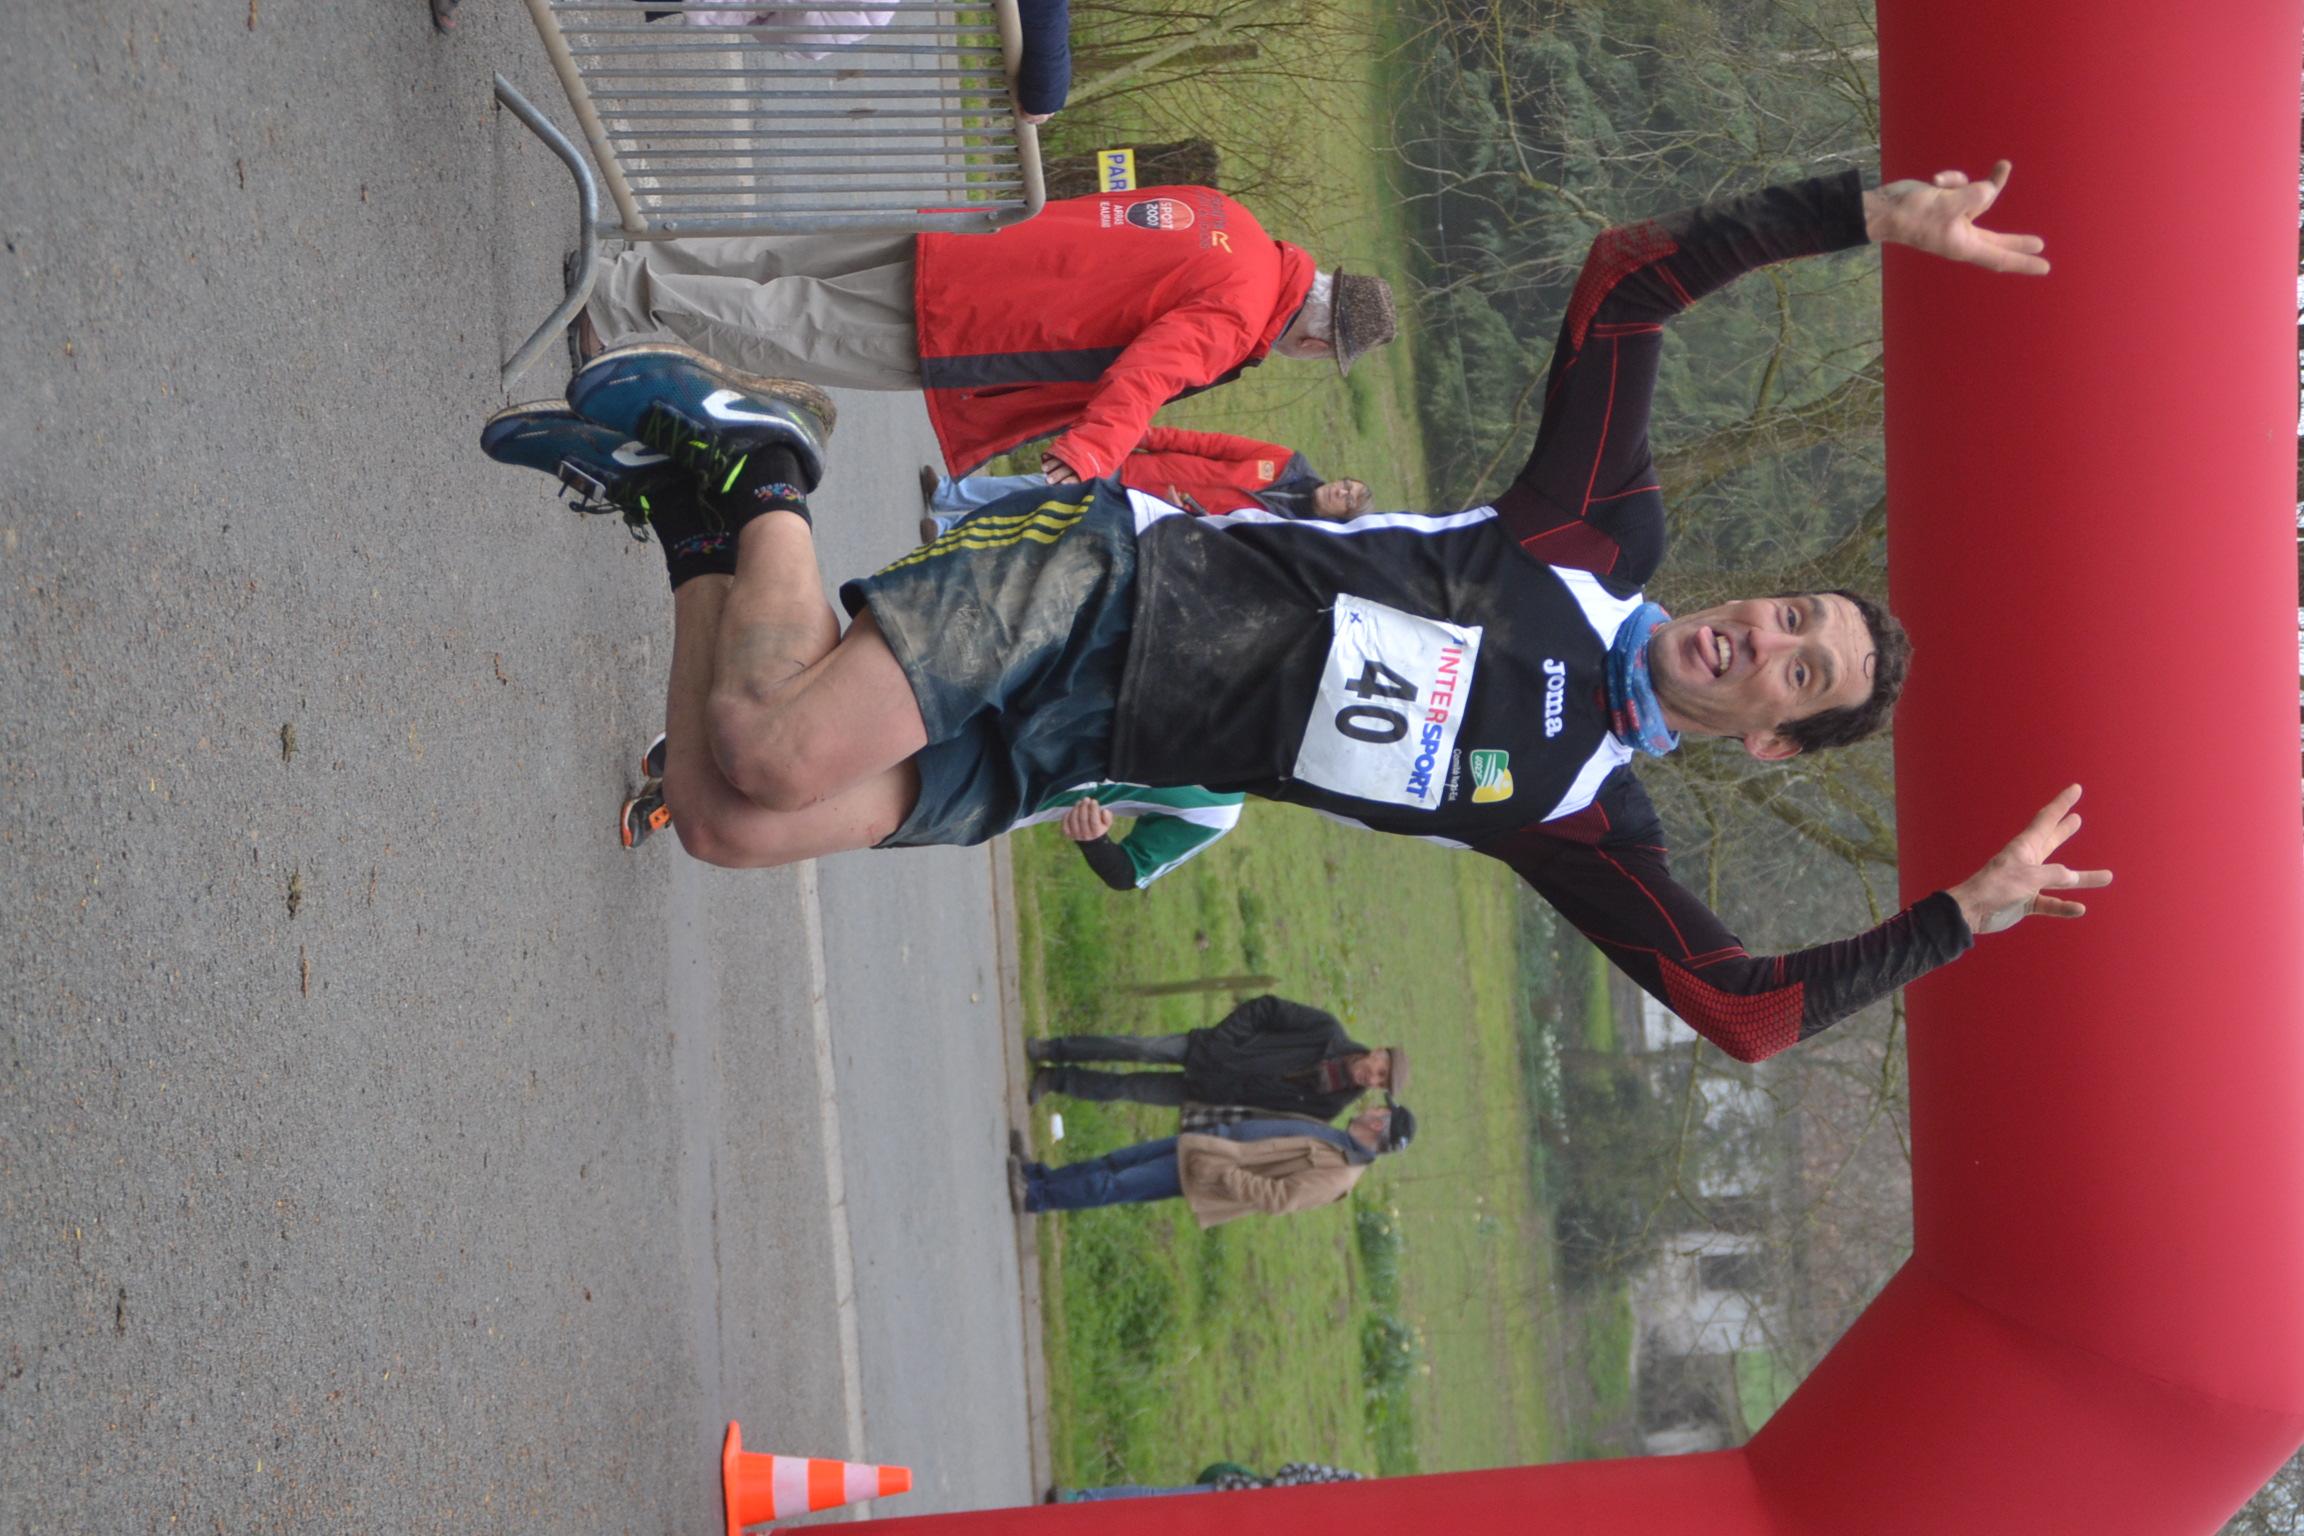 La façon originale de passer la ligne d'arrivée au bout de 30 kilomètres par Cédric Schramm, vainqueur de l'épreuve !